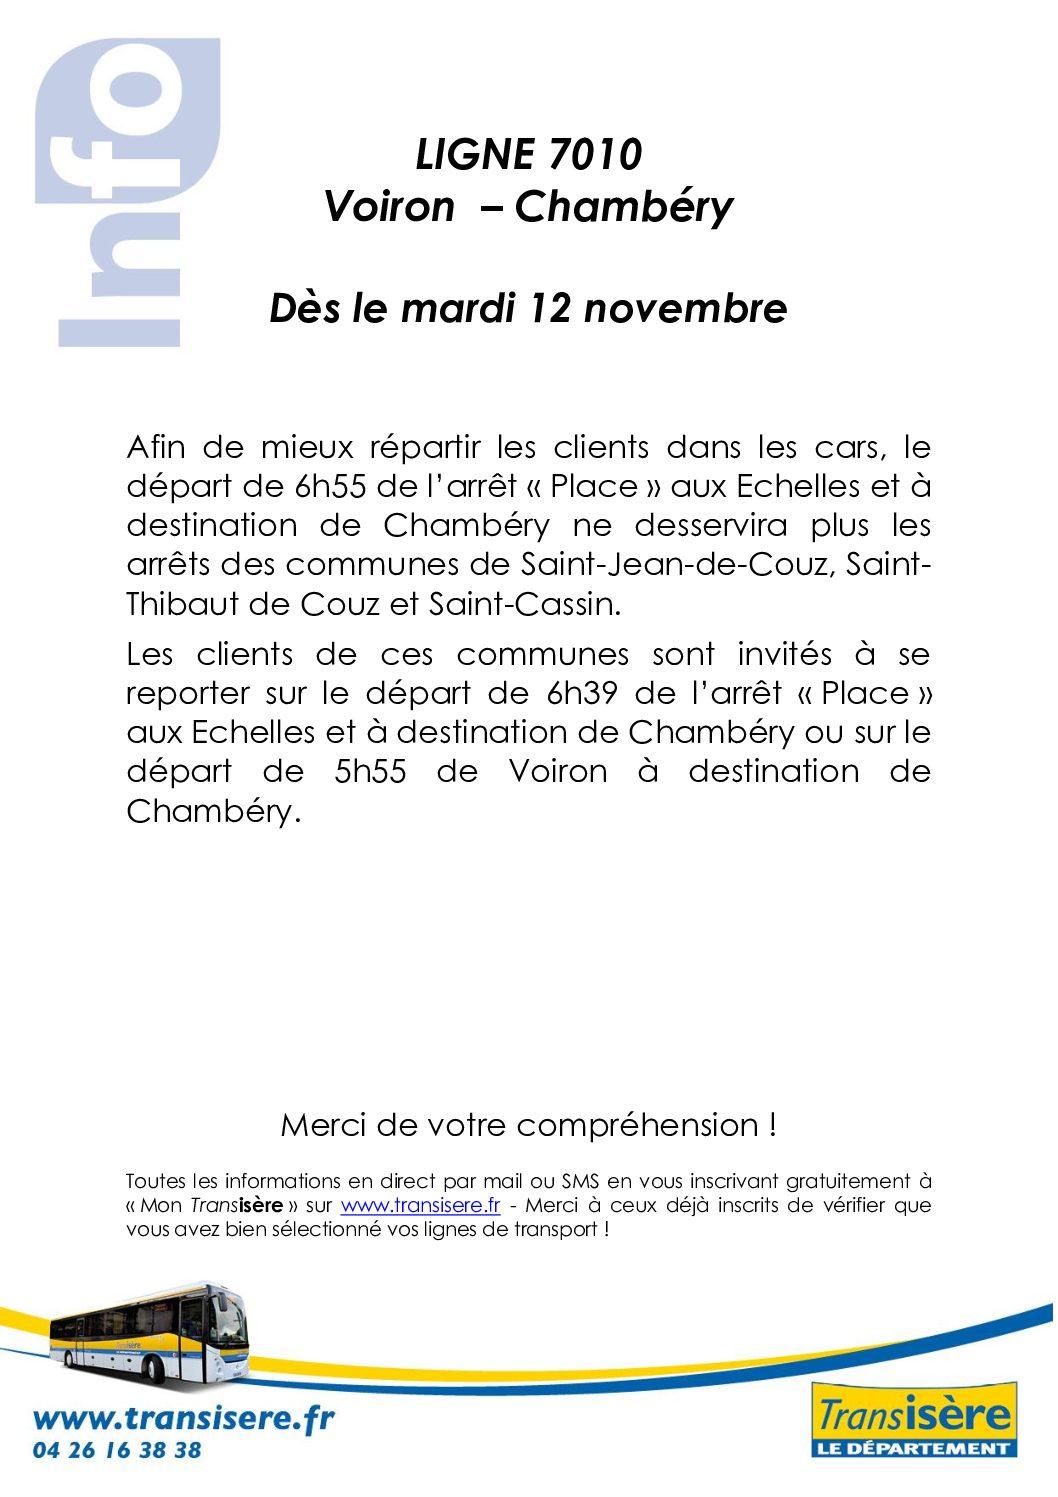 Arrêts supprimés Ligne 7010 Voiron – Chambéry